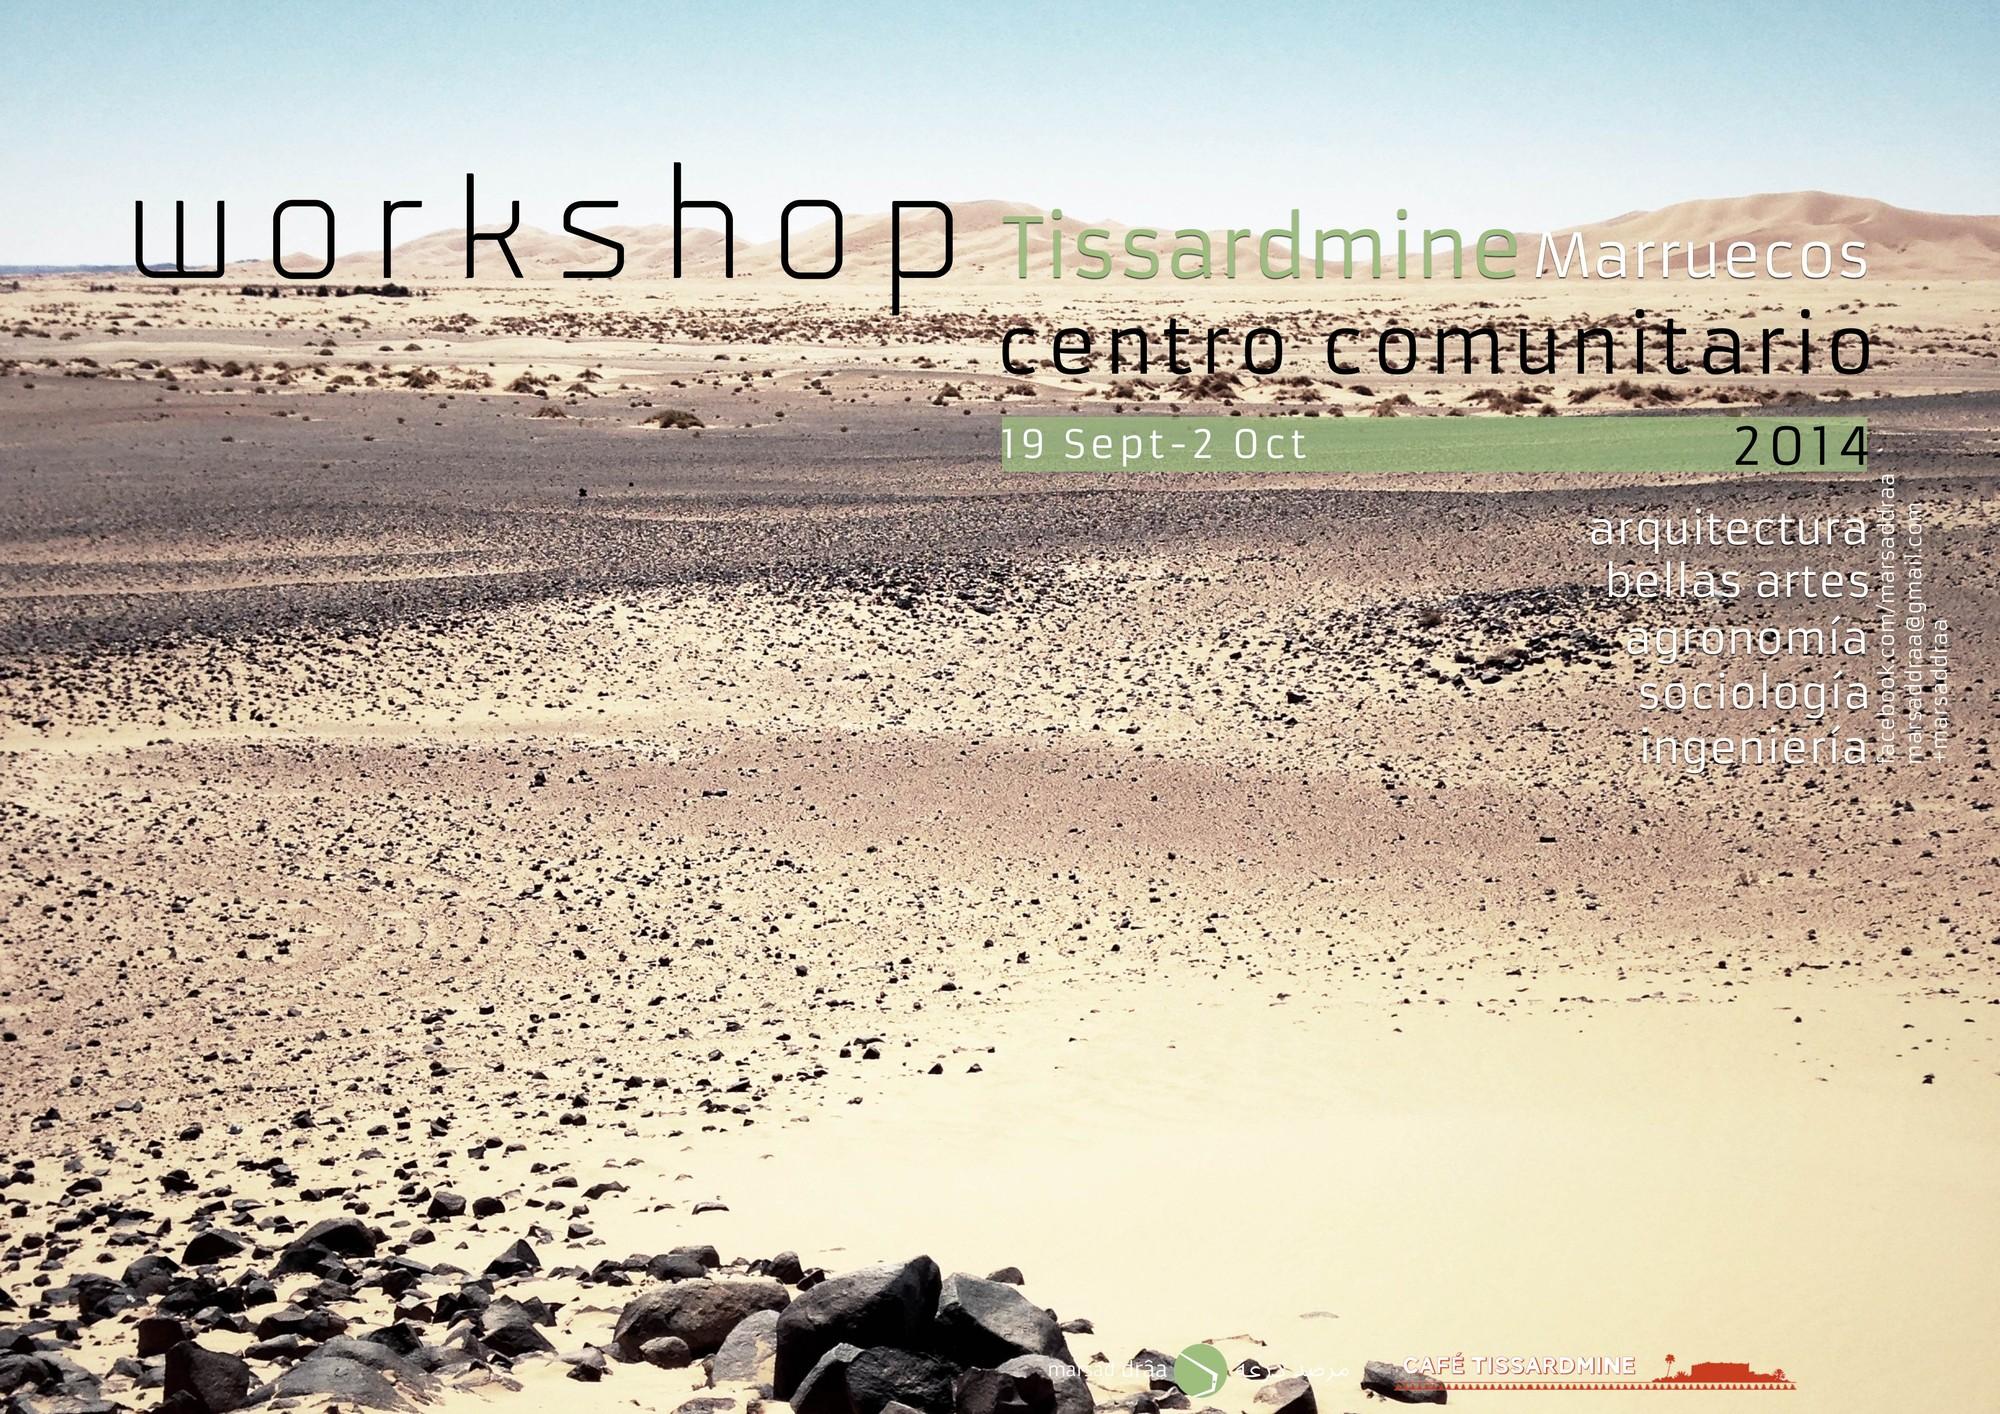 Workshop Tissardmine: construcción de un centro comunitario / Marruecos